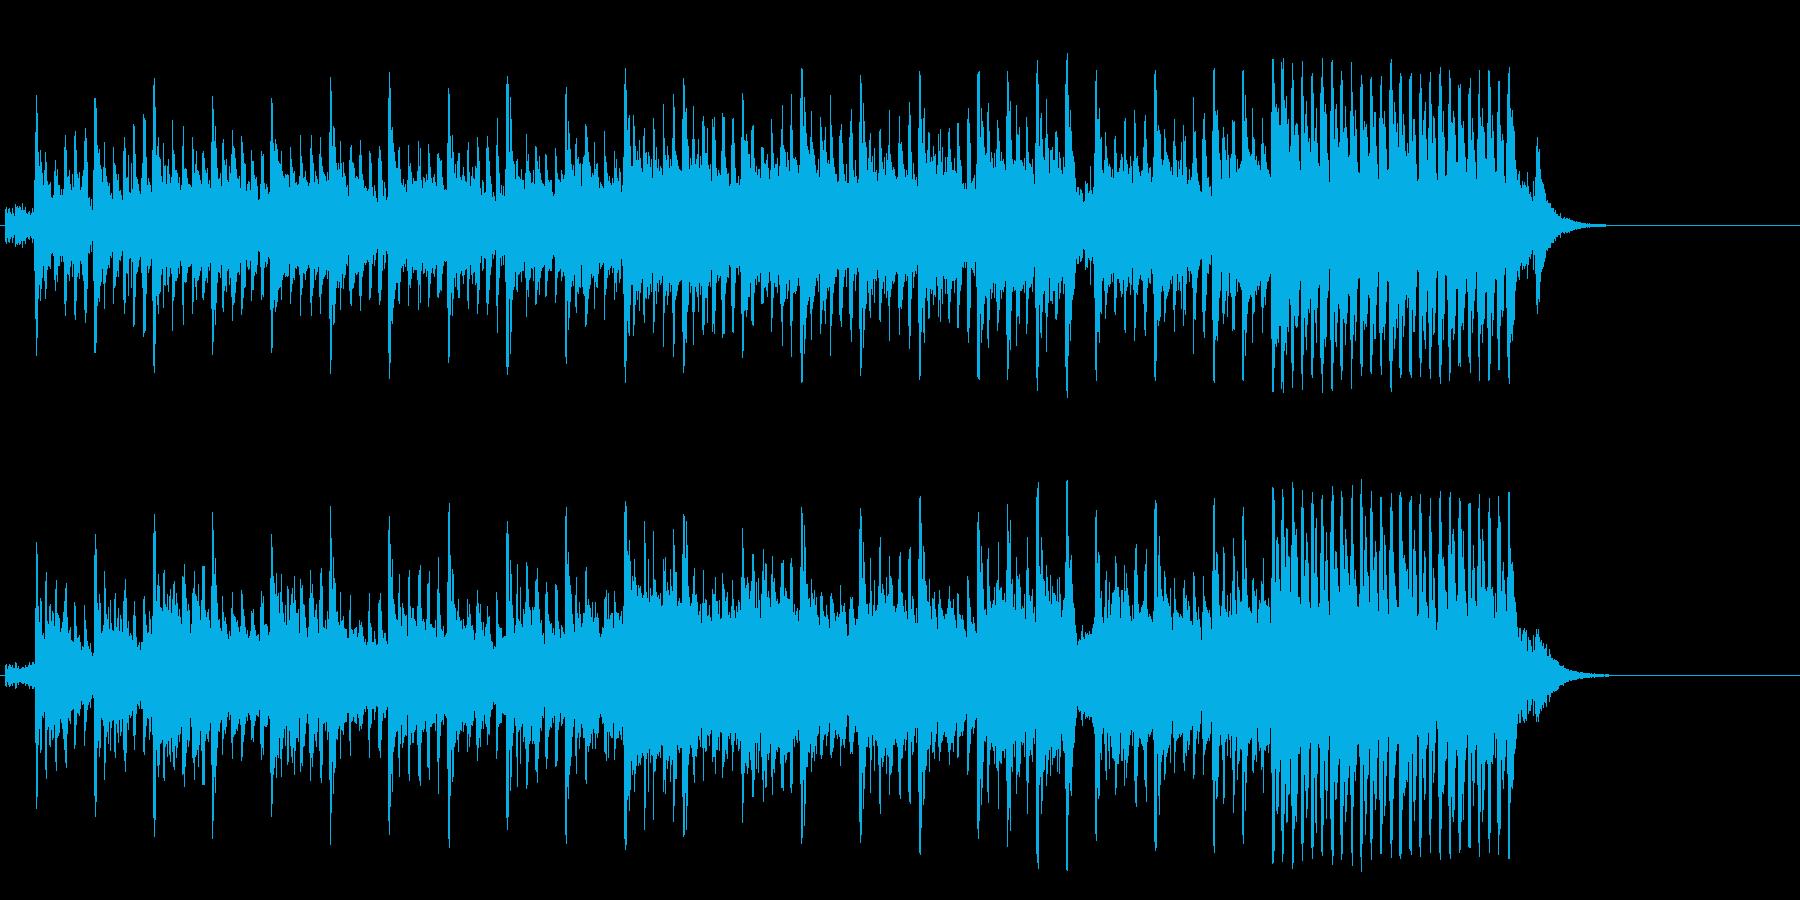 メリーゴーランドの様に夢溢れるポップの再生済みの波形